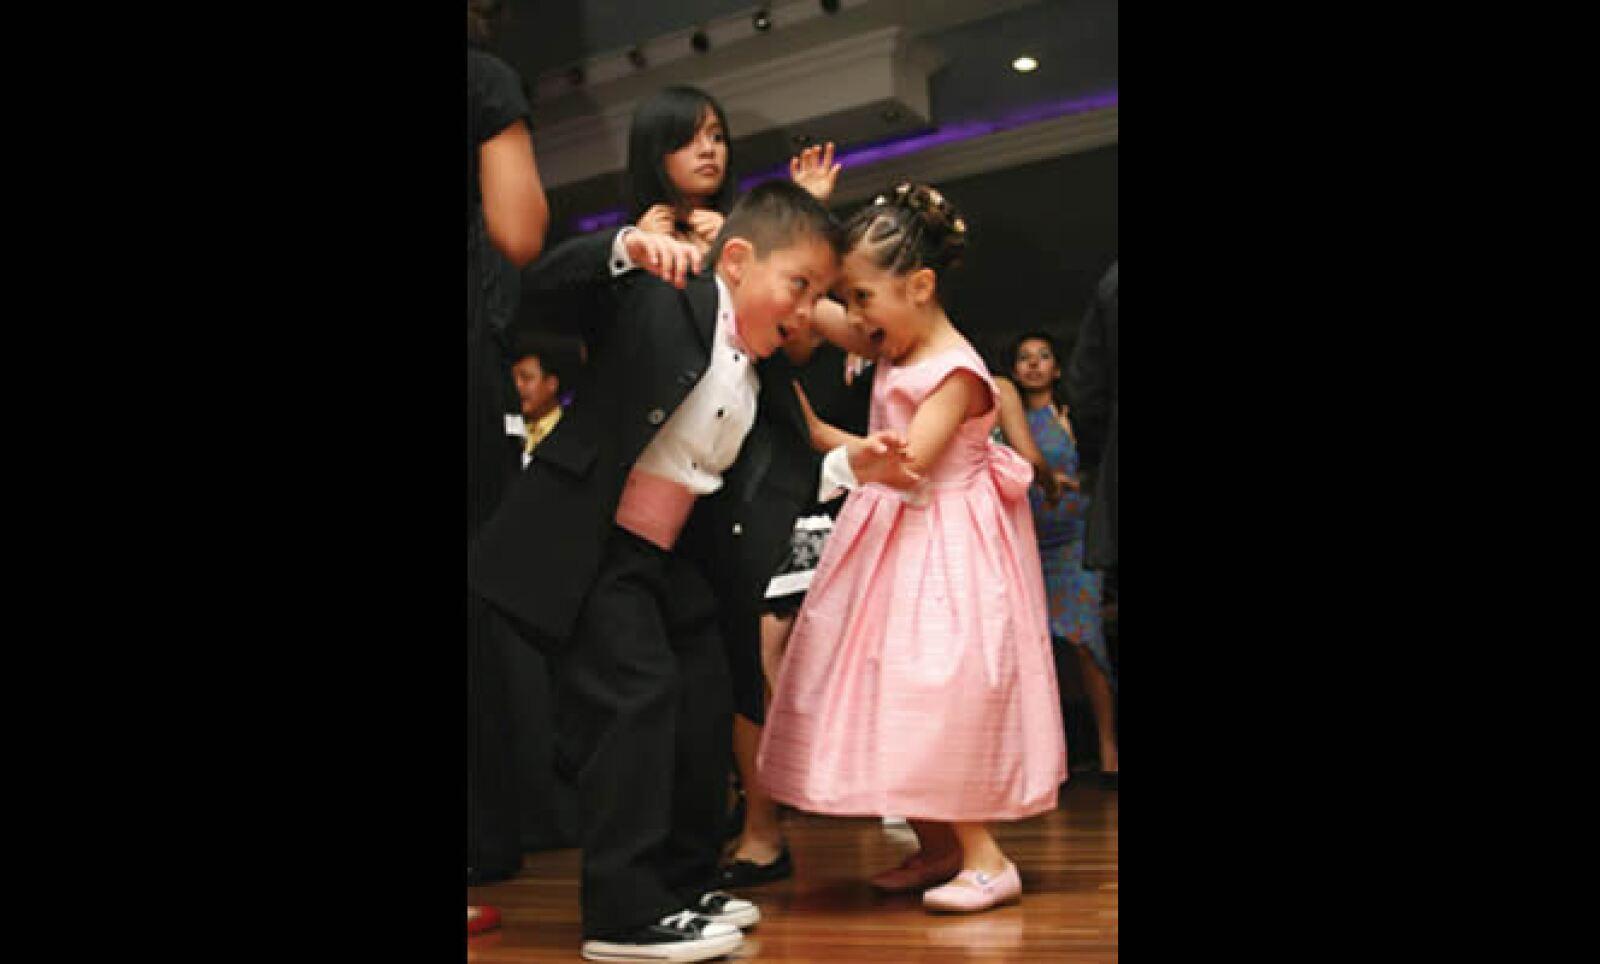 """Las fiestas y el baile son esenciales para Guillermo López quien con su cámara muestra la algarabía del salón de eventos """"Alvi"""" del DF.  Del mismo modo, tuvo un premio de 6,000 dólares."""